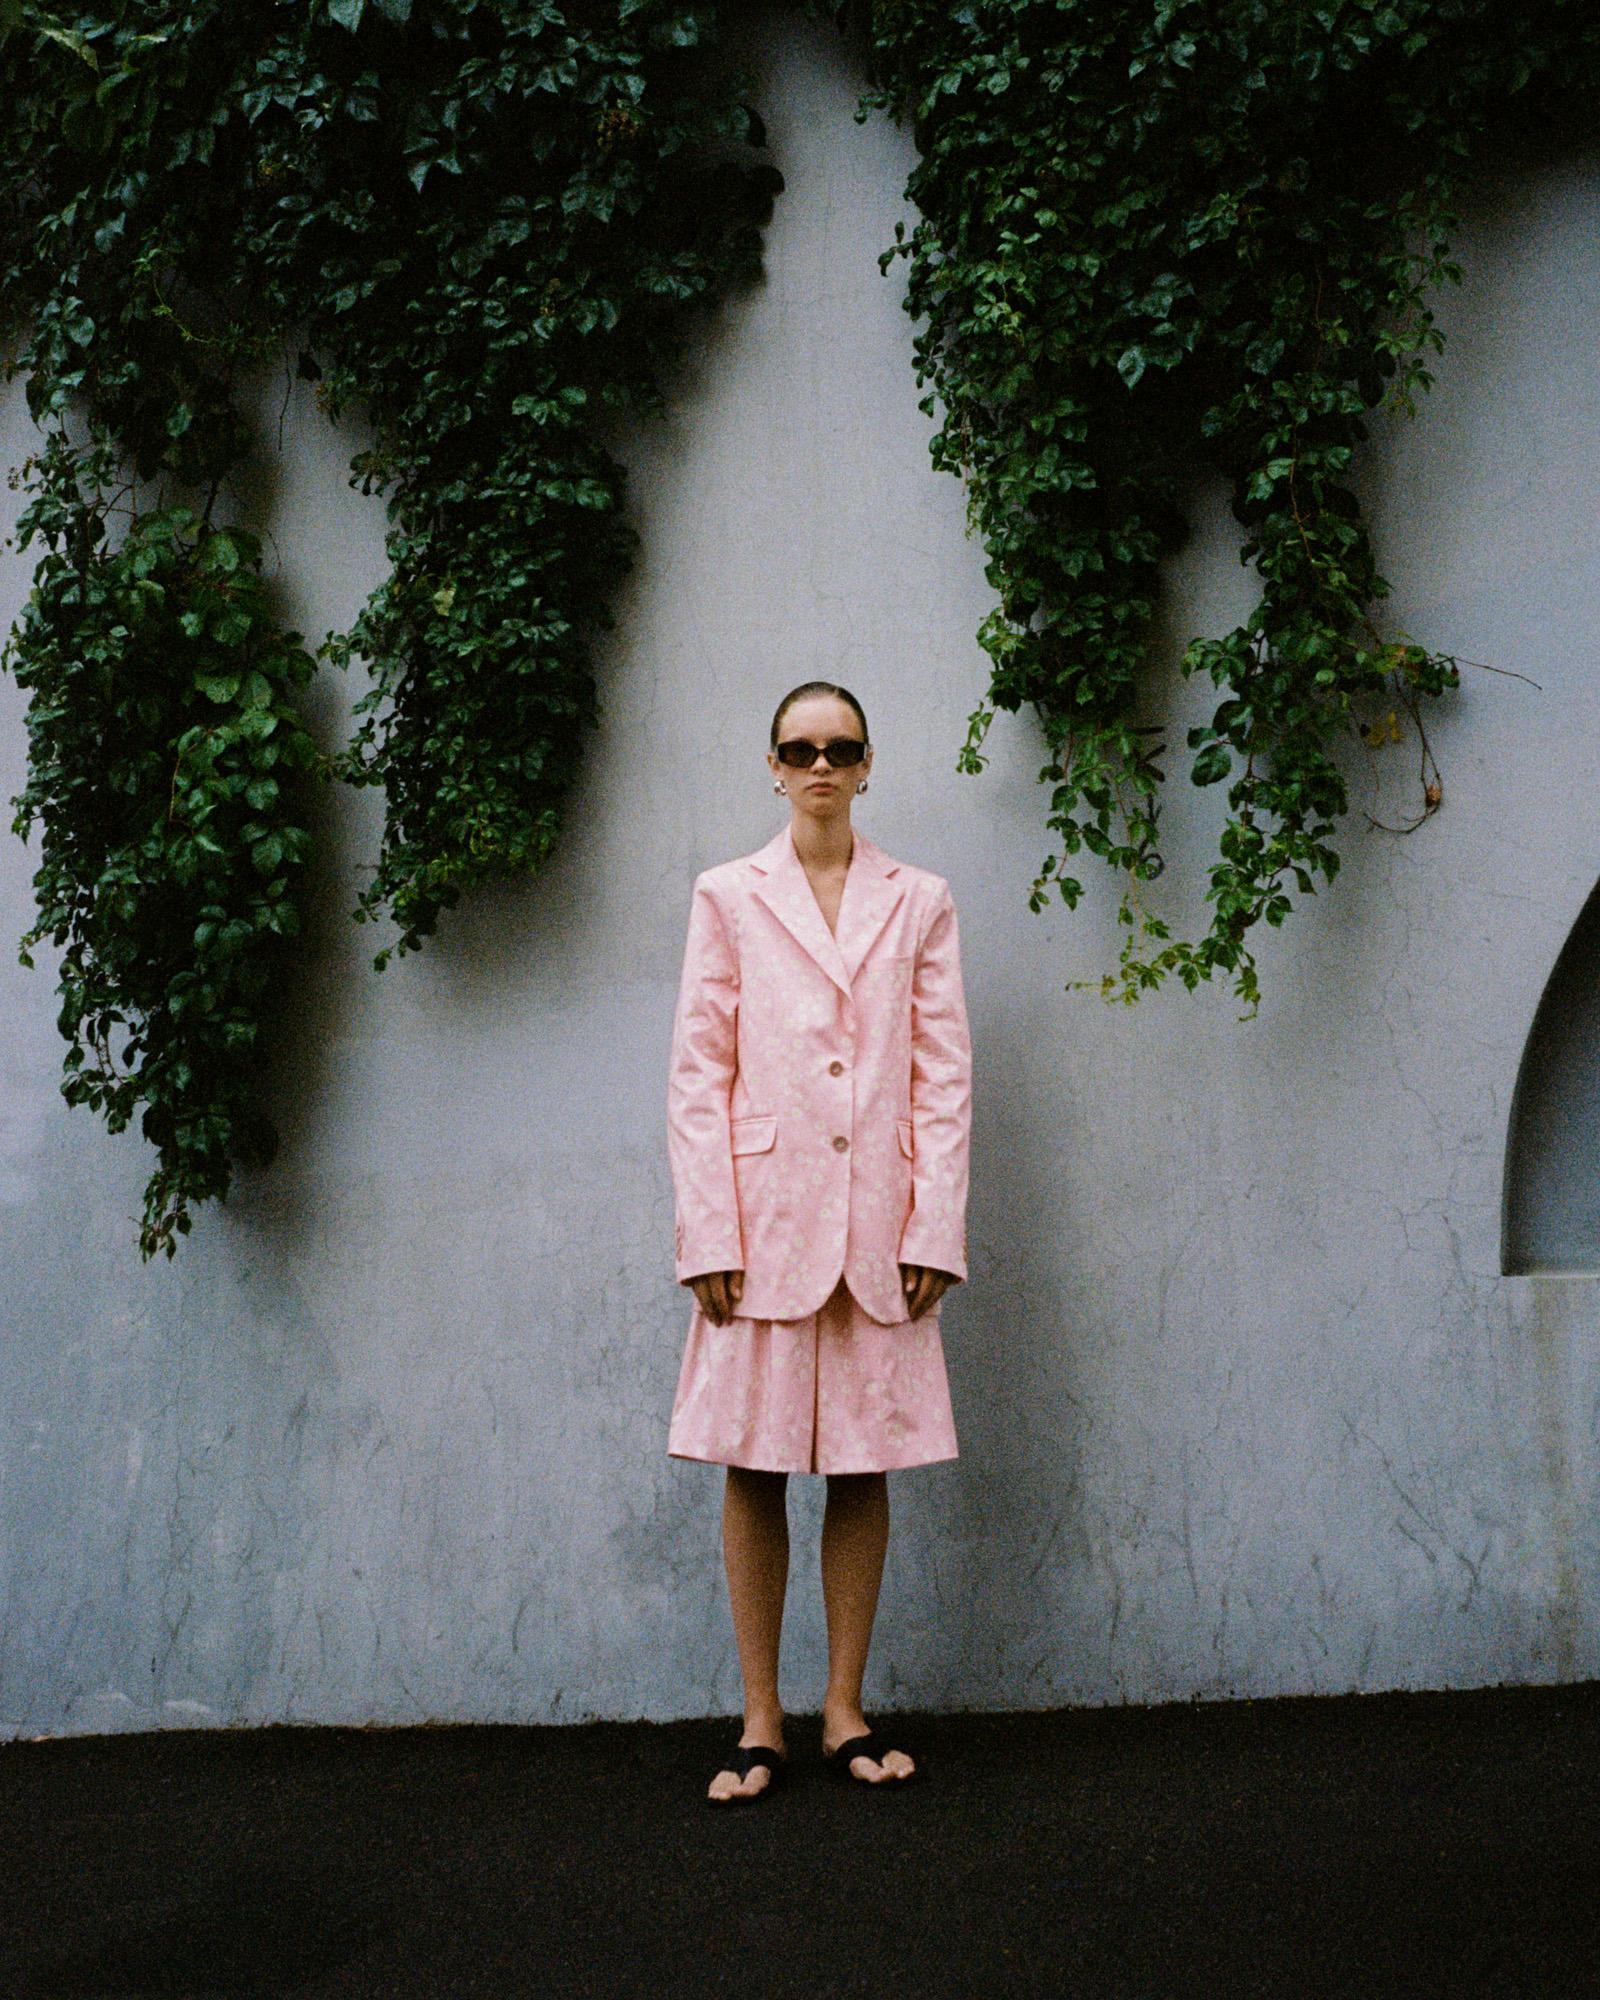 Любимый бренд Джиджи Хадид: новая коллекция Lesyanebo с розовым костюмом, который так и просится в гардероб